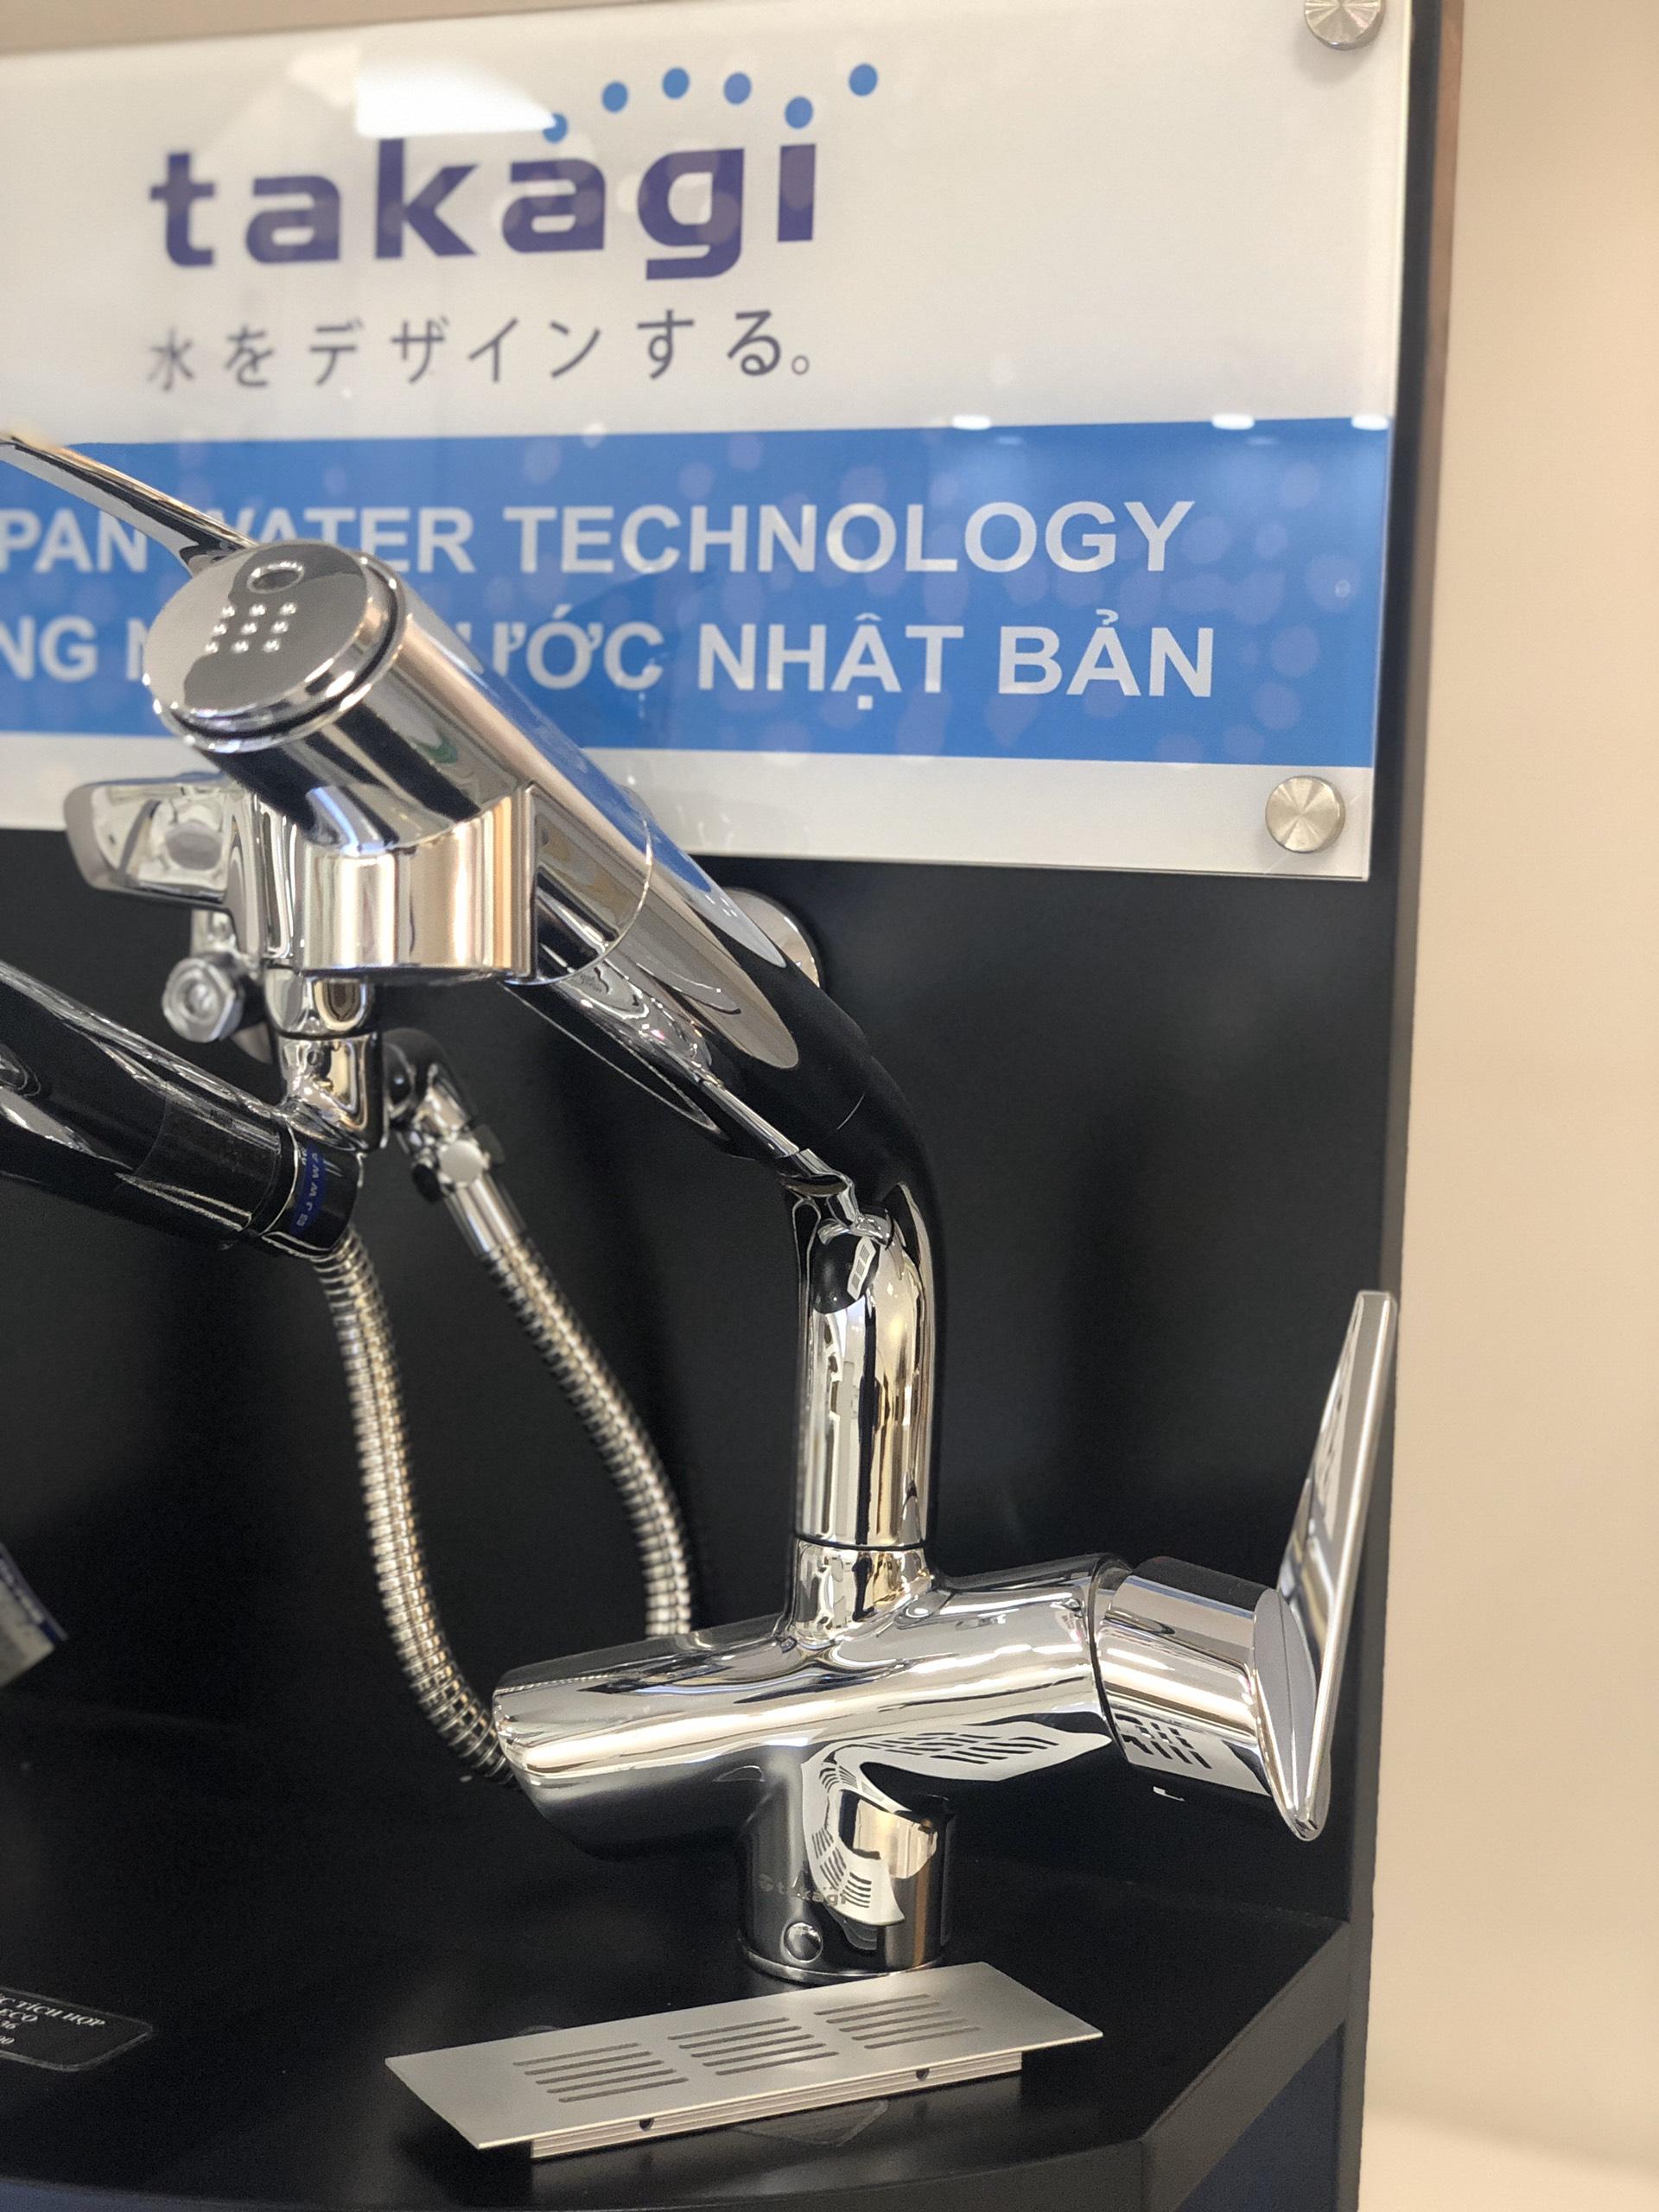 Vòi lọc nước Takagi JK102 sang trọng, bắt mắt